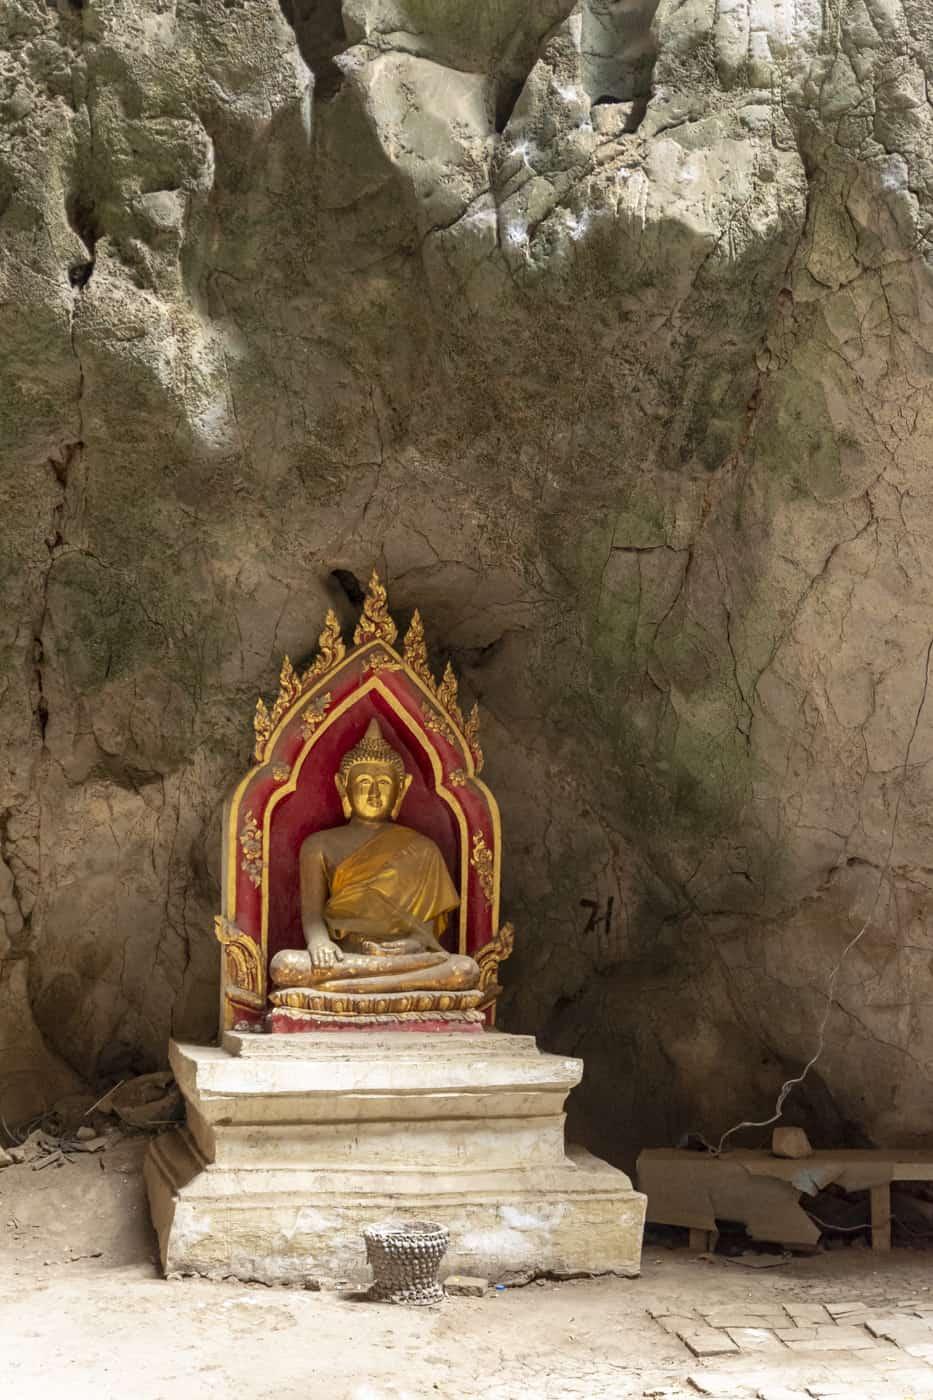 Buddha Figur in einer Wandvertiefung